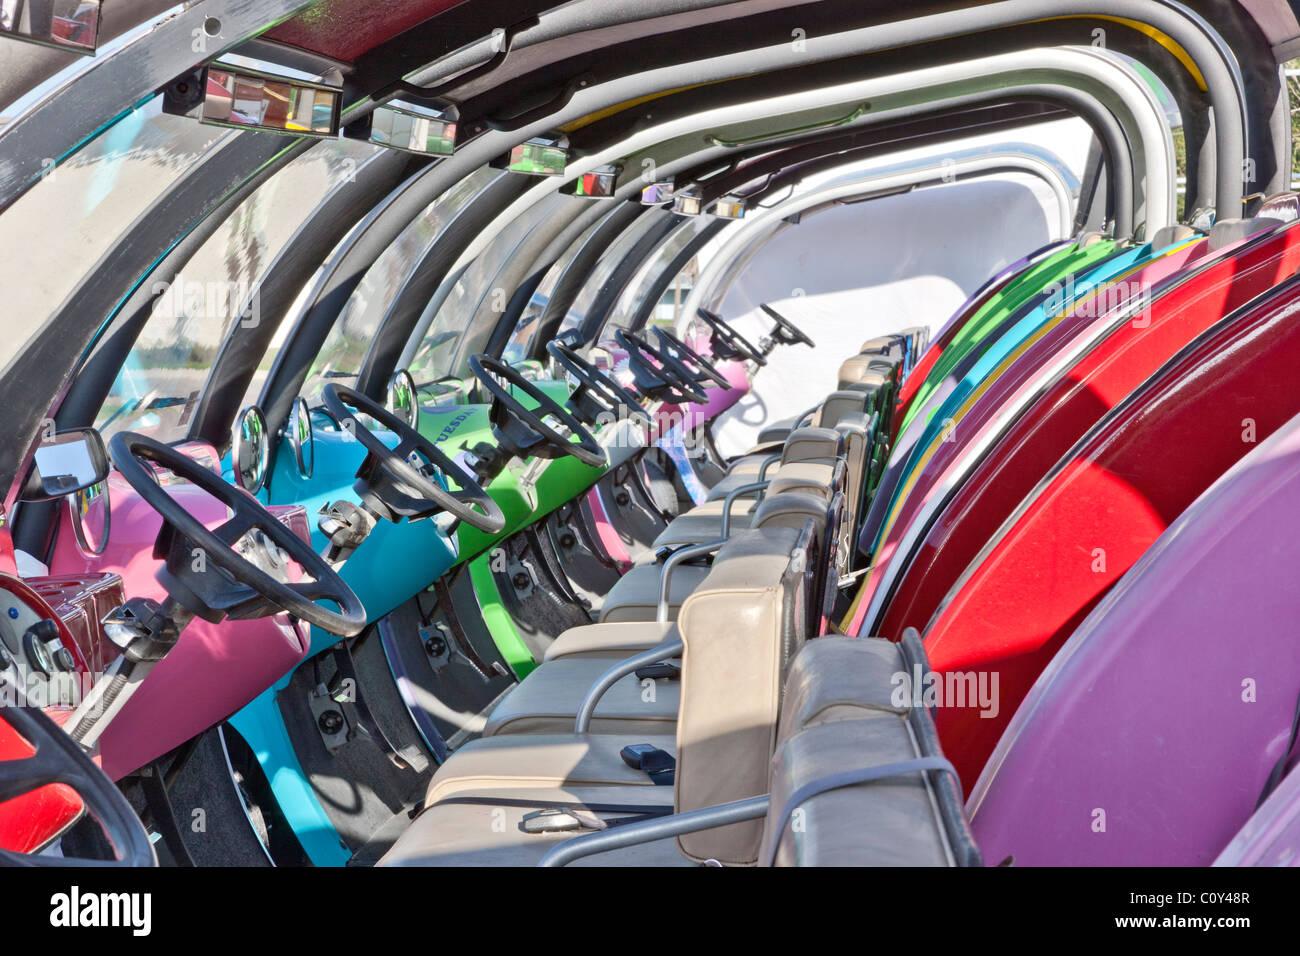 Buntes elektrische Buggys. Stockbild